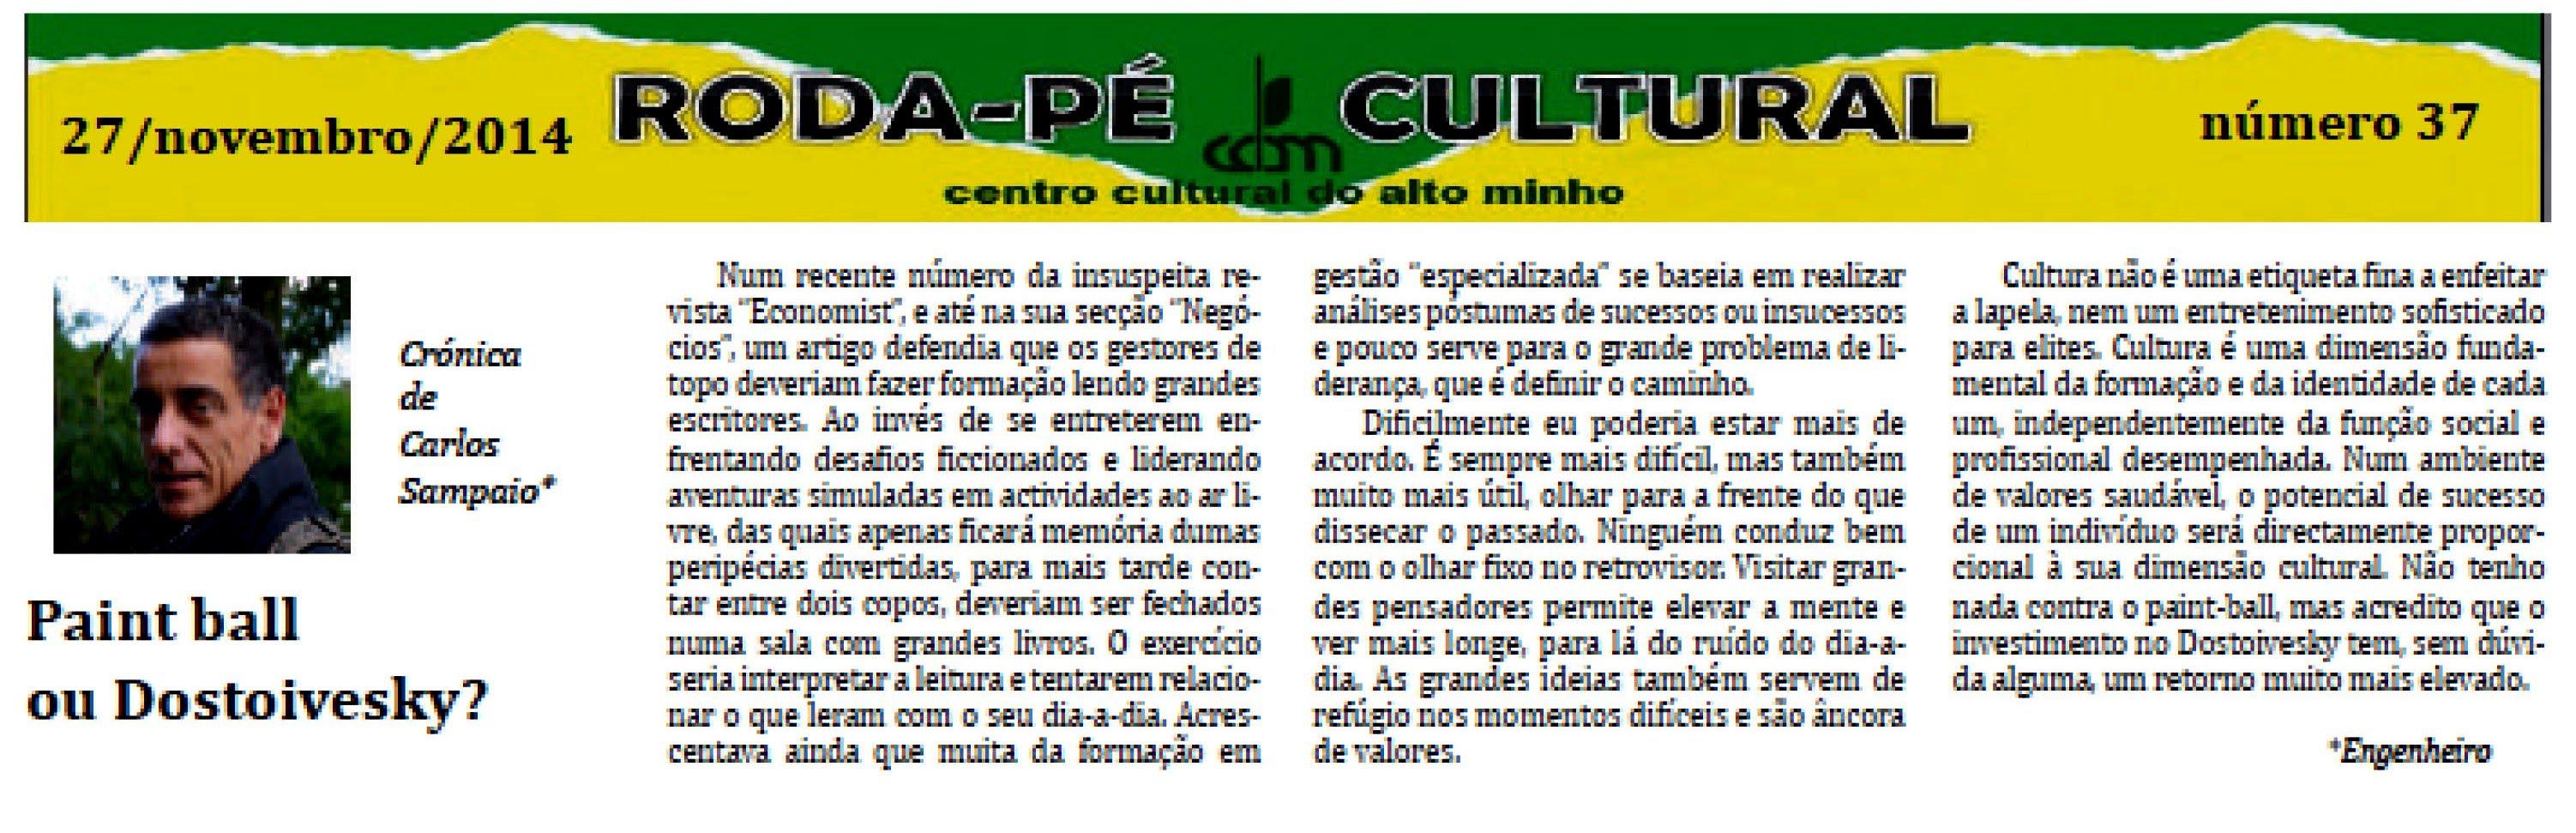 https://sites.google.com/a/centroculturaldoaltominho.org/ccam/actividades-realizadas/2014/RP_37.jpg